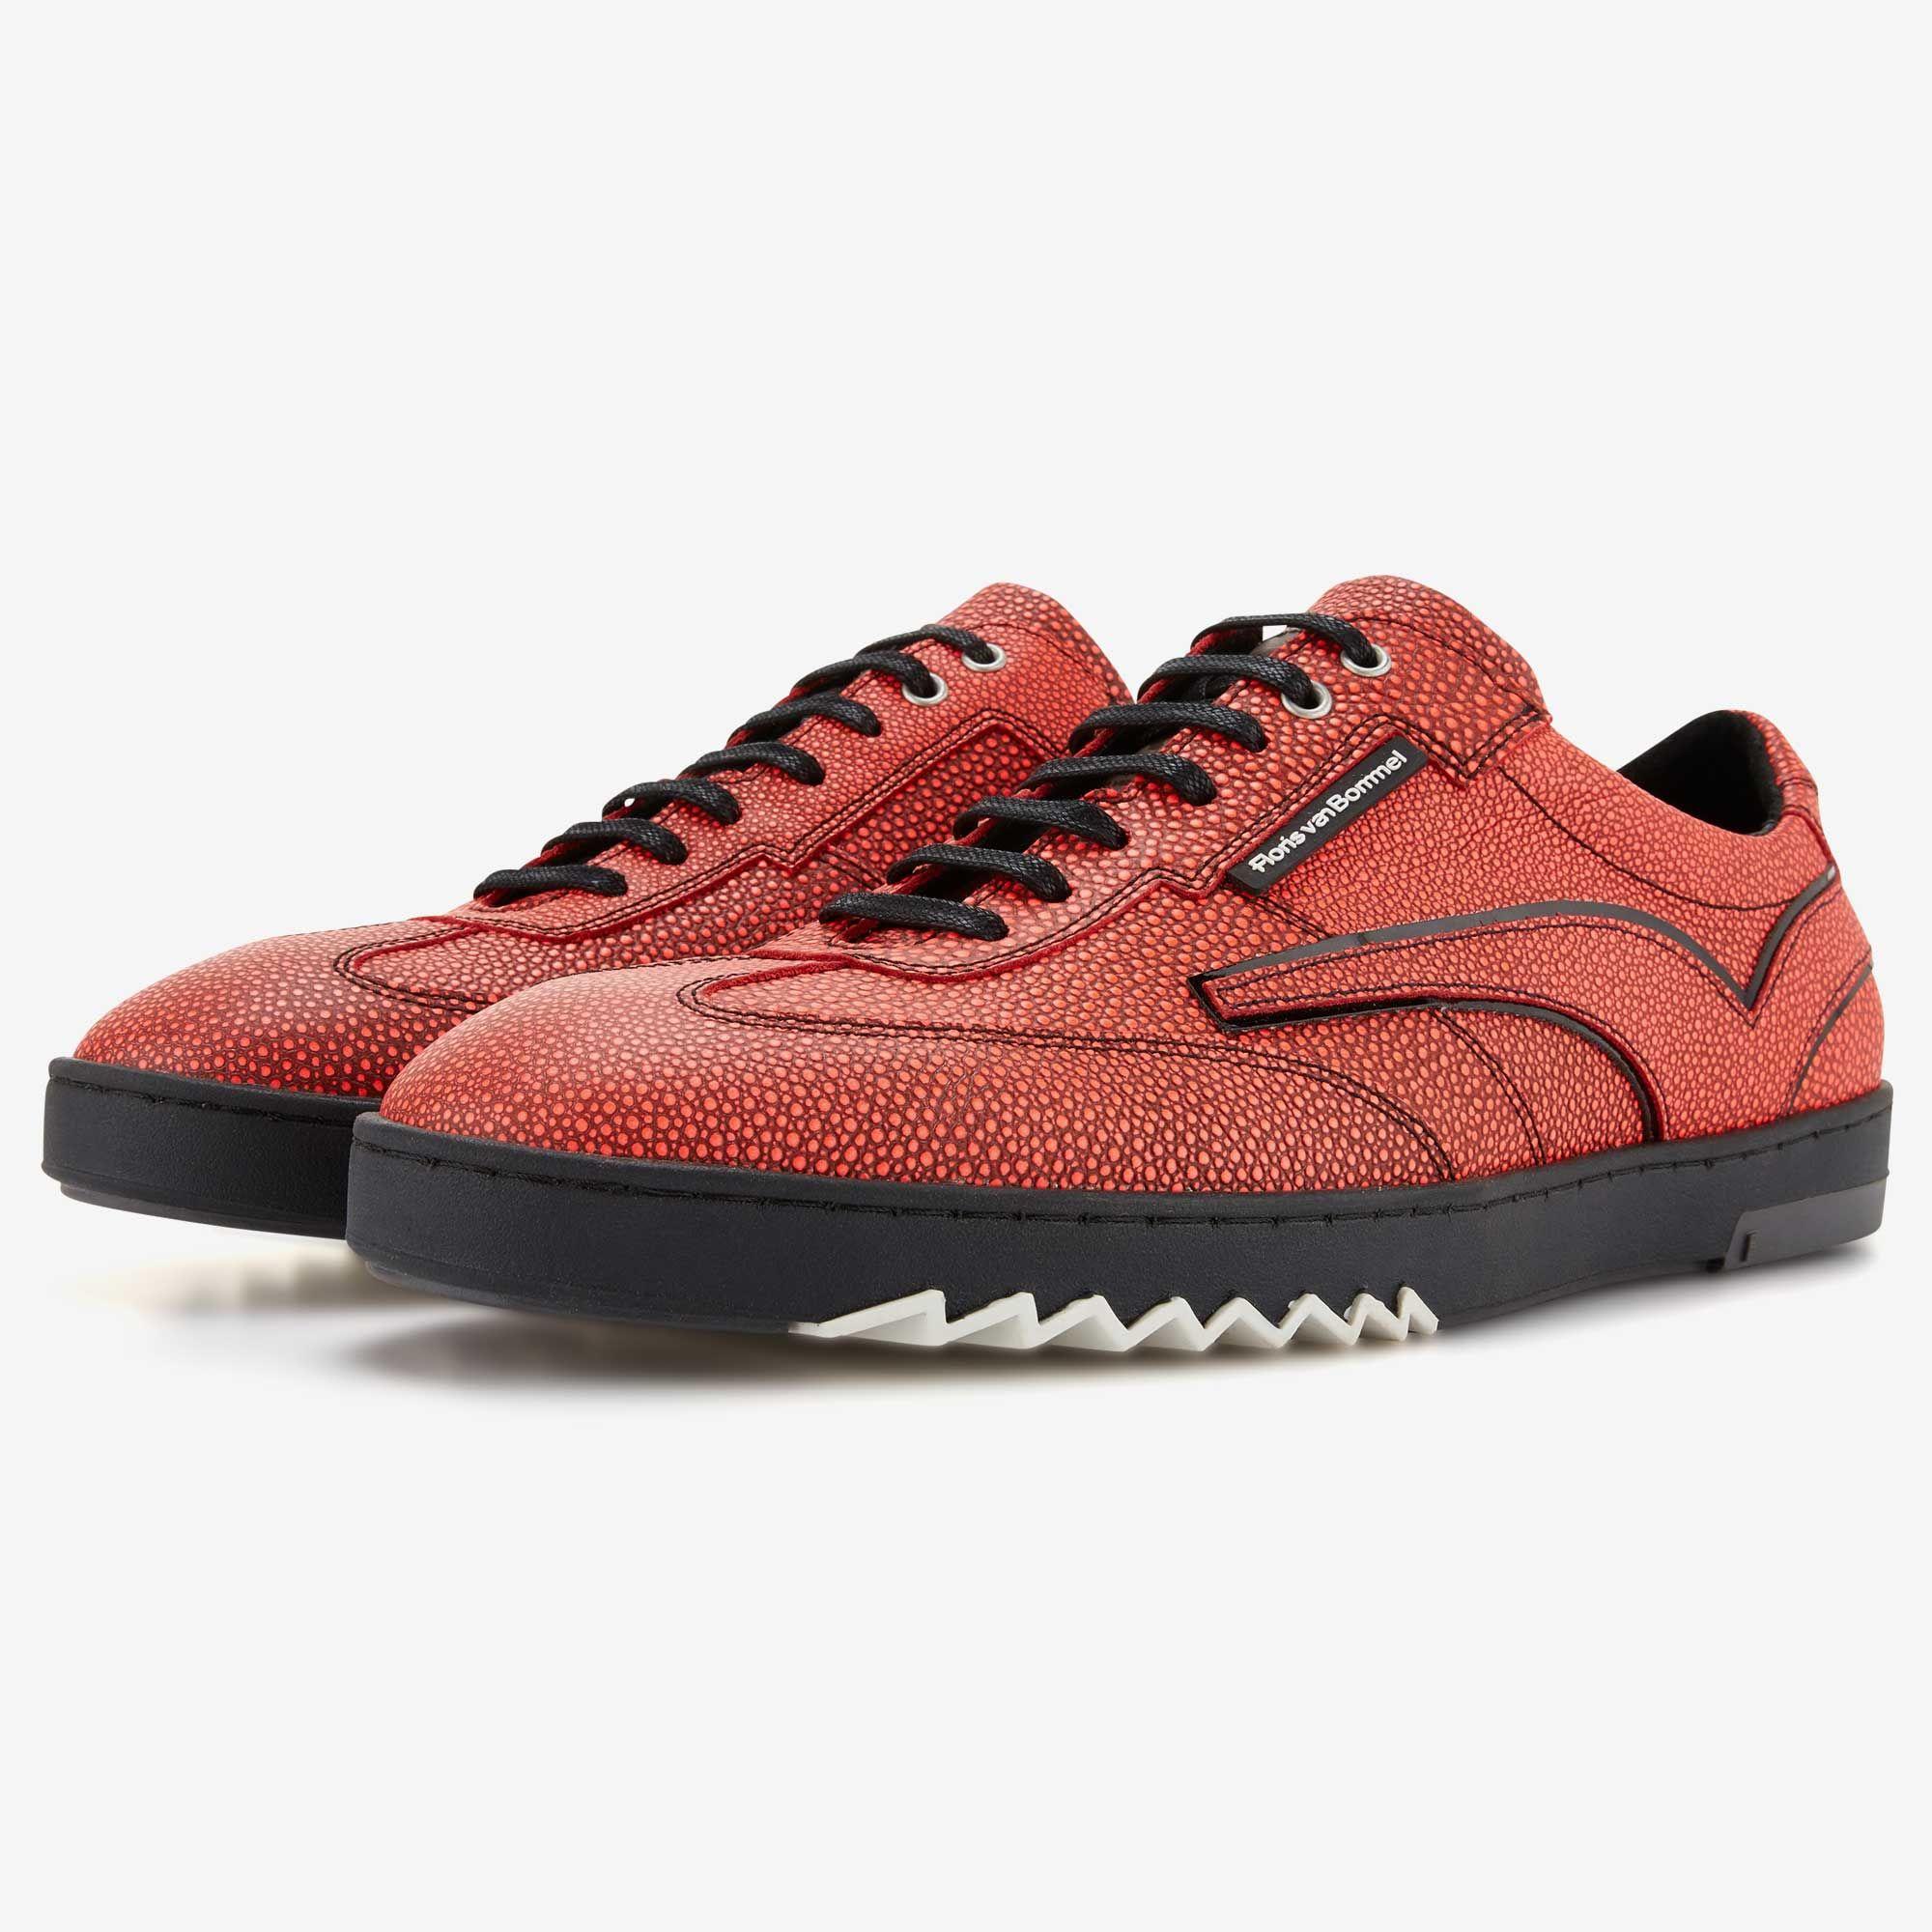 Red Leather Men S Sneaker 16094 08 Floris Van Bommel Sneakers Mens Sport Sneakers Mens Shoes Online